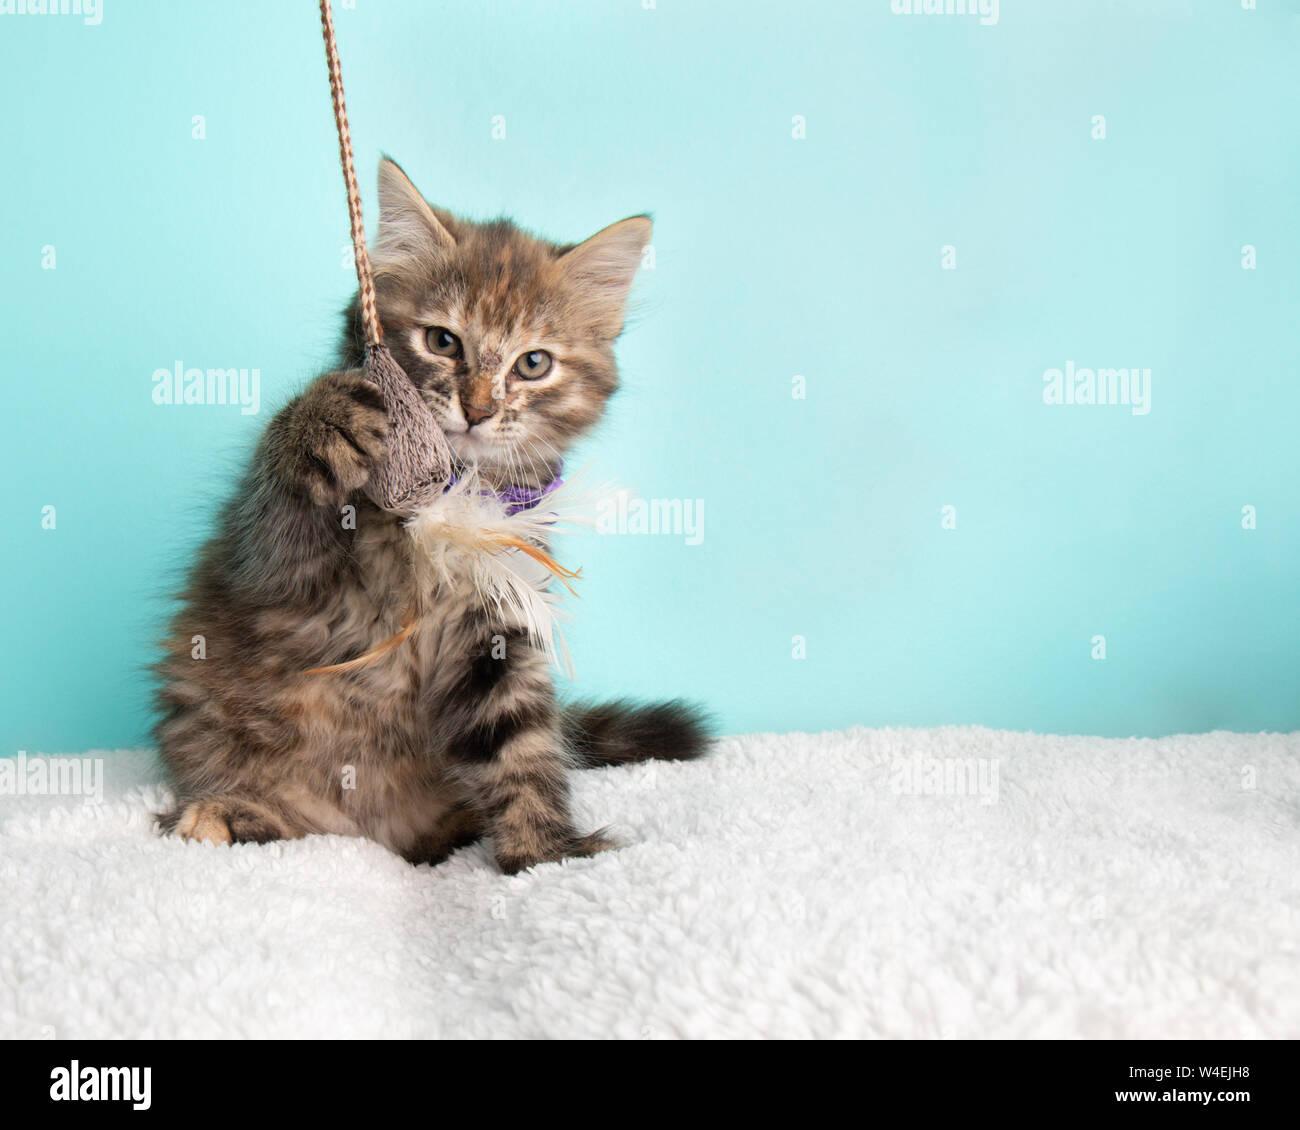 Carino Fluffy giovani Tabby Kitten Rescue Cat indossando viola e bianco punteggiato Poka Bow Tie Pawing seduto e giocare con la stringa e Mouse giocattolo sul blu Ba Foto Stock